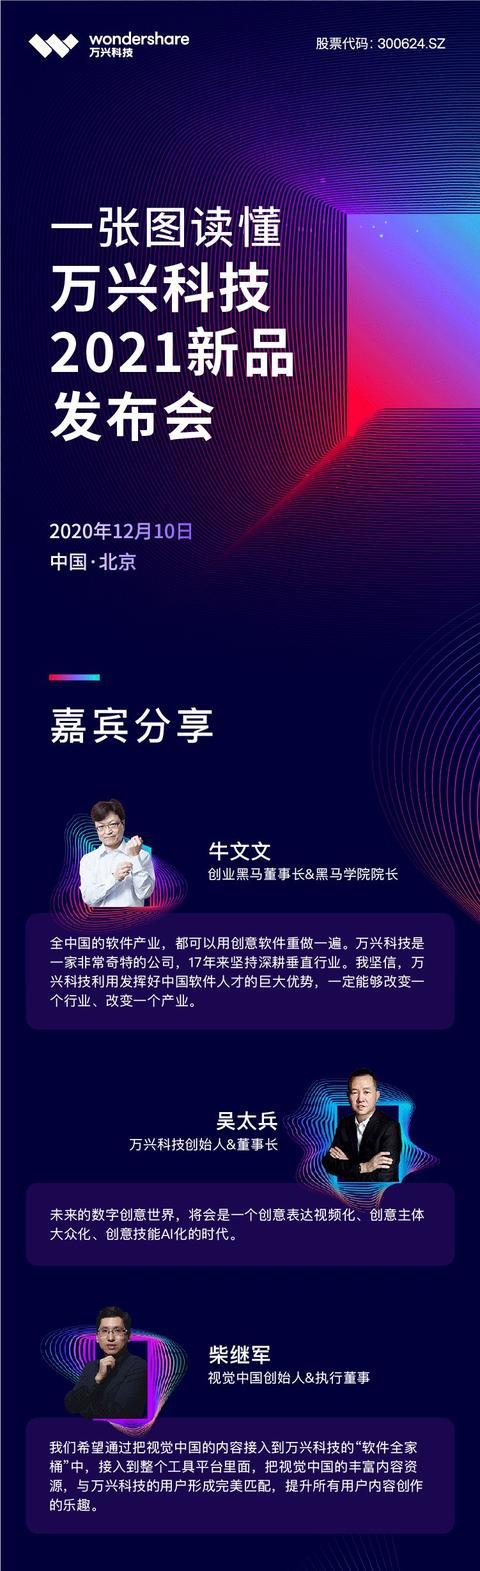 媒體見面會 | 萬興科技董事長吳太兵:做中國市場的長期主義者